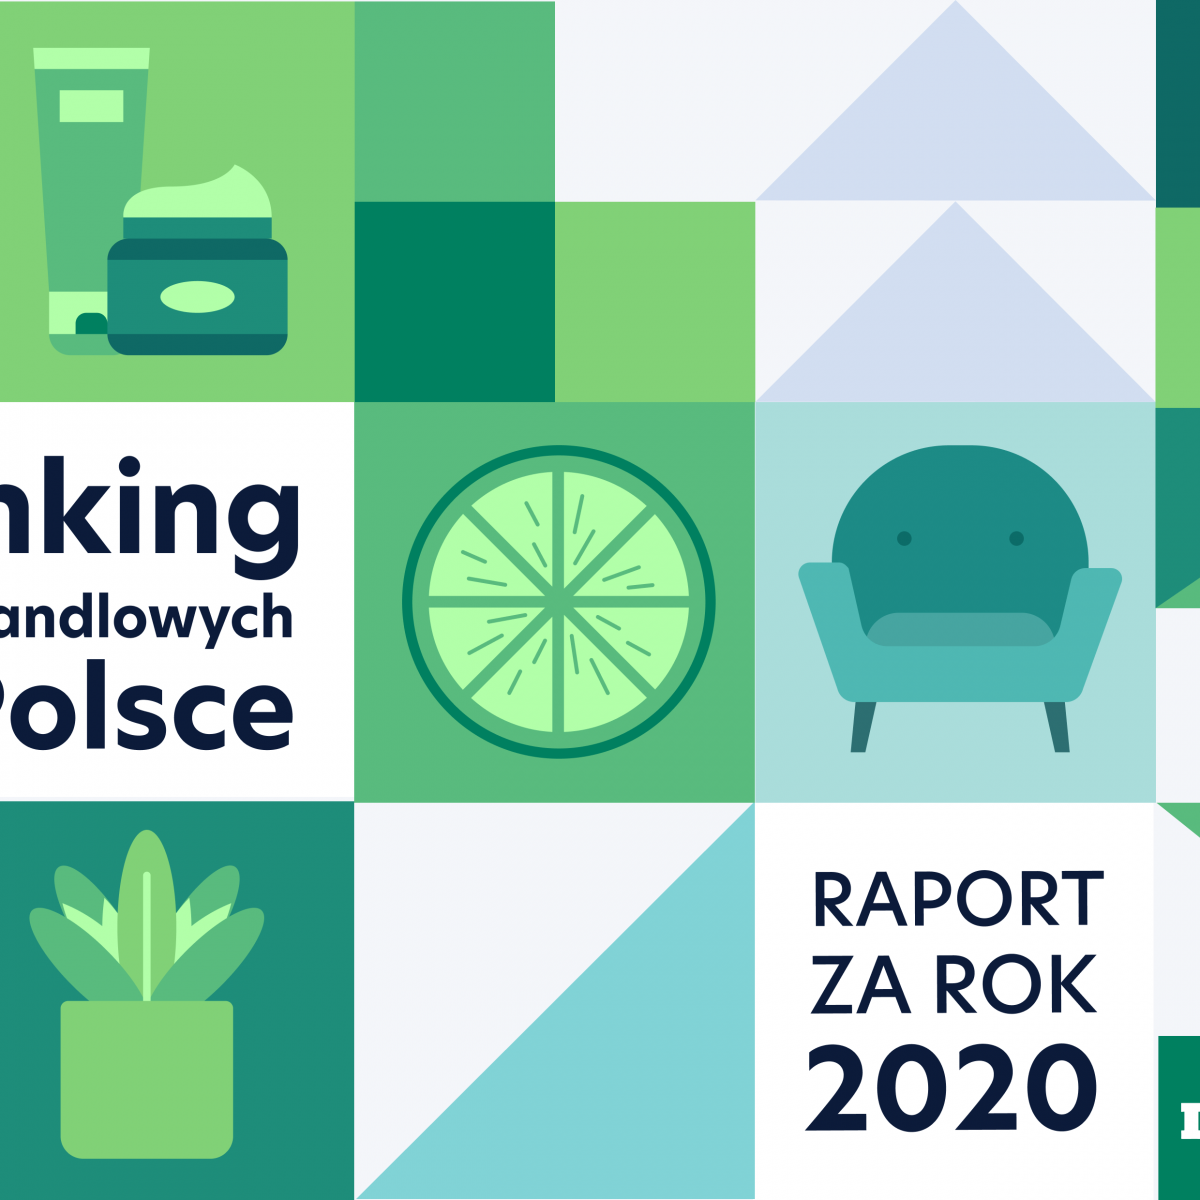 Ranking sieci handlowych Listonic – które marki Polacy wybierali najczęściej w 2020 roku?